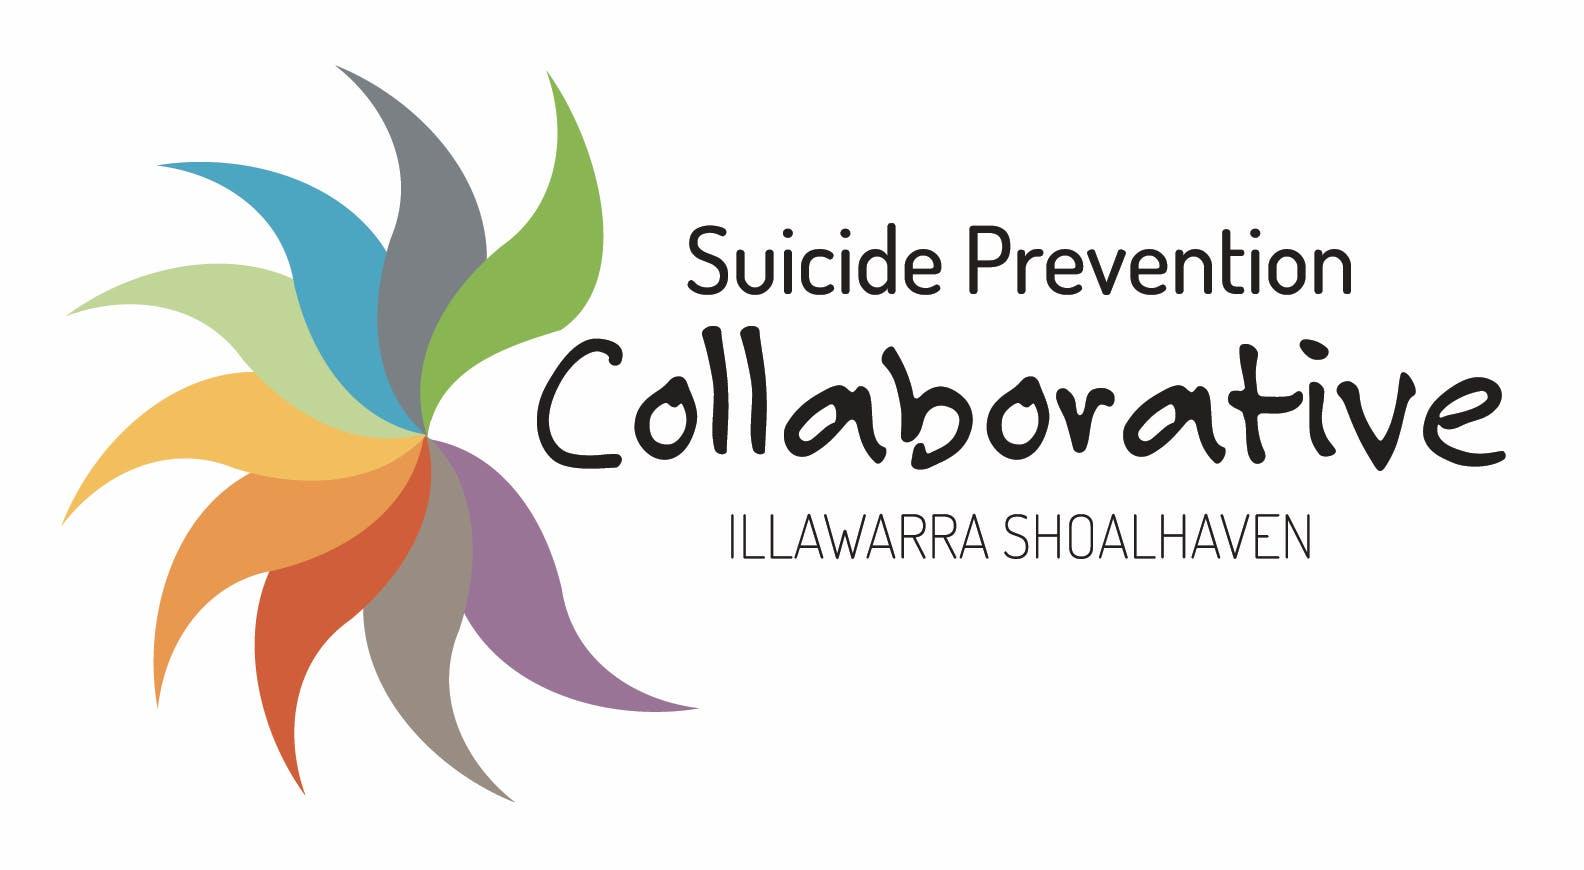 Illawarra Shoalhaven Suicide Prevention Collaborative logo